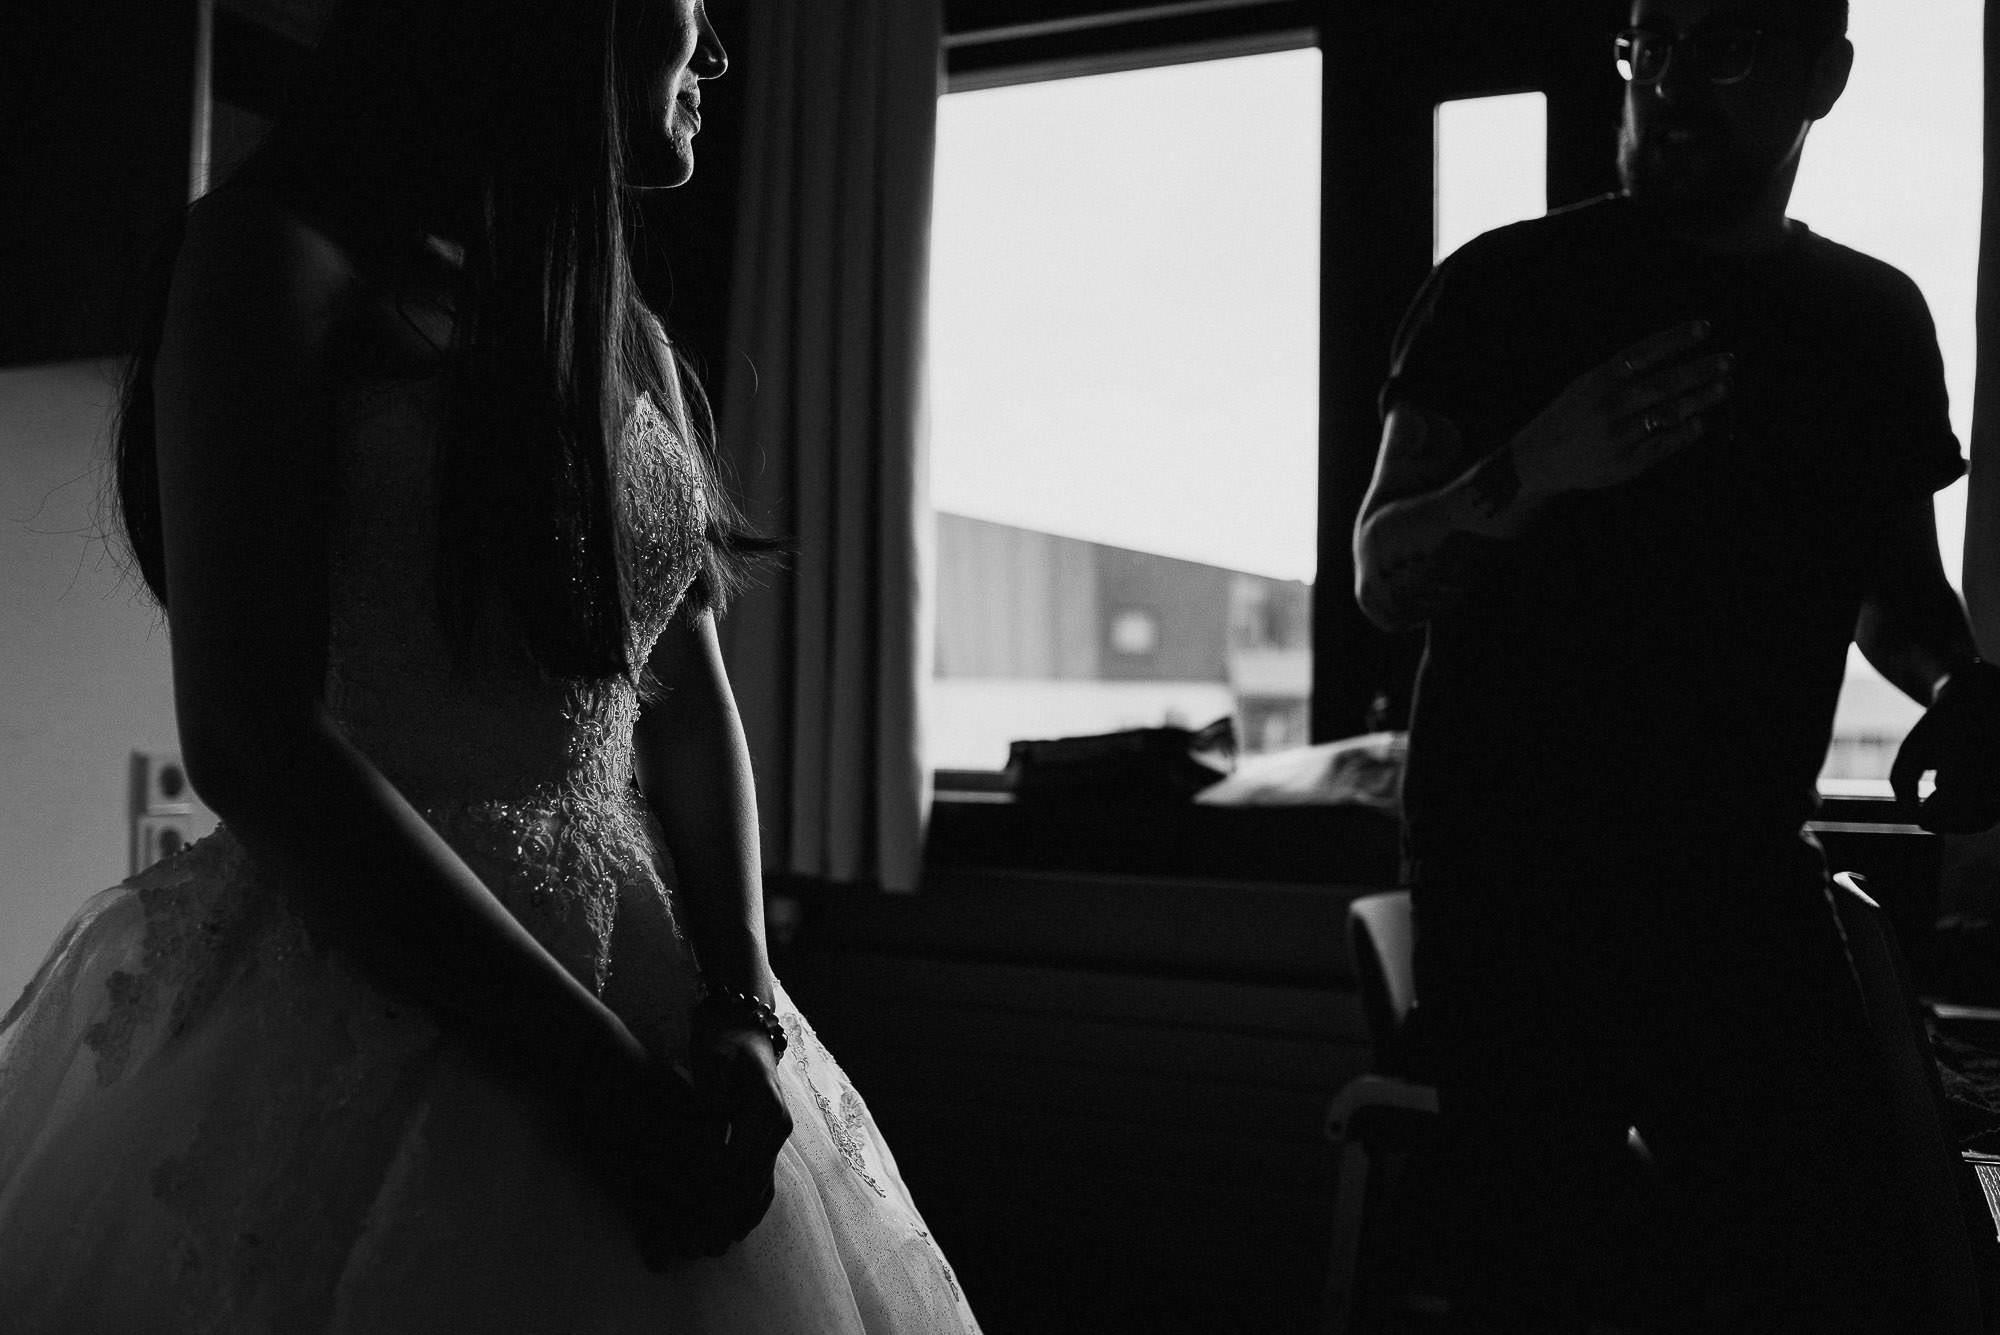 iceland-wedding-photographer_jere-satamo_photography-reykjavik-007.jpg